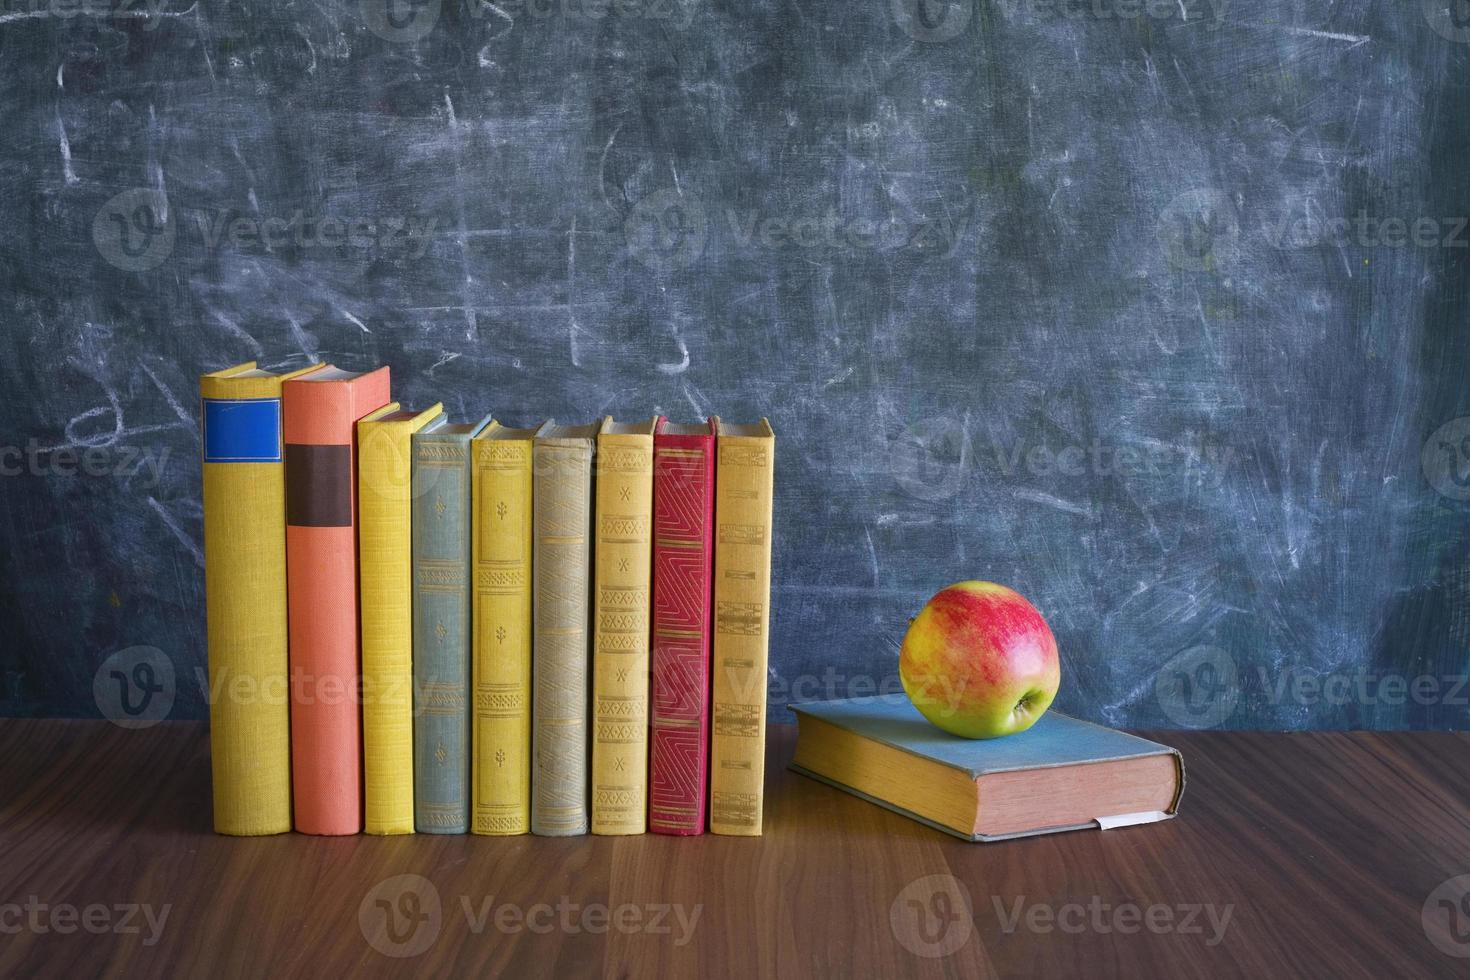 livros e maçã na frente de um quadro negro foto